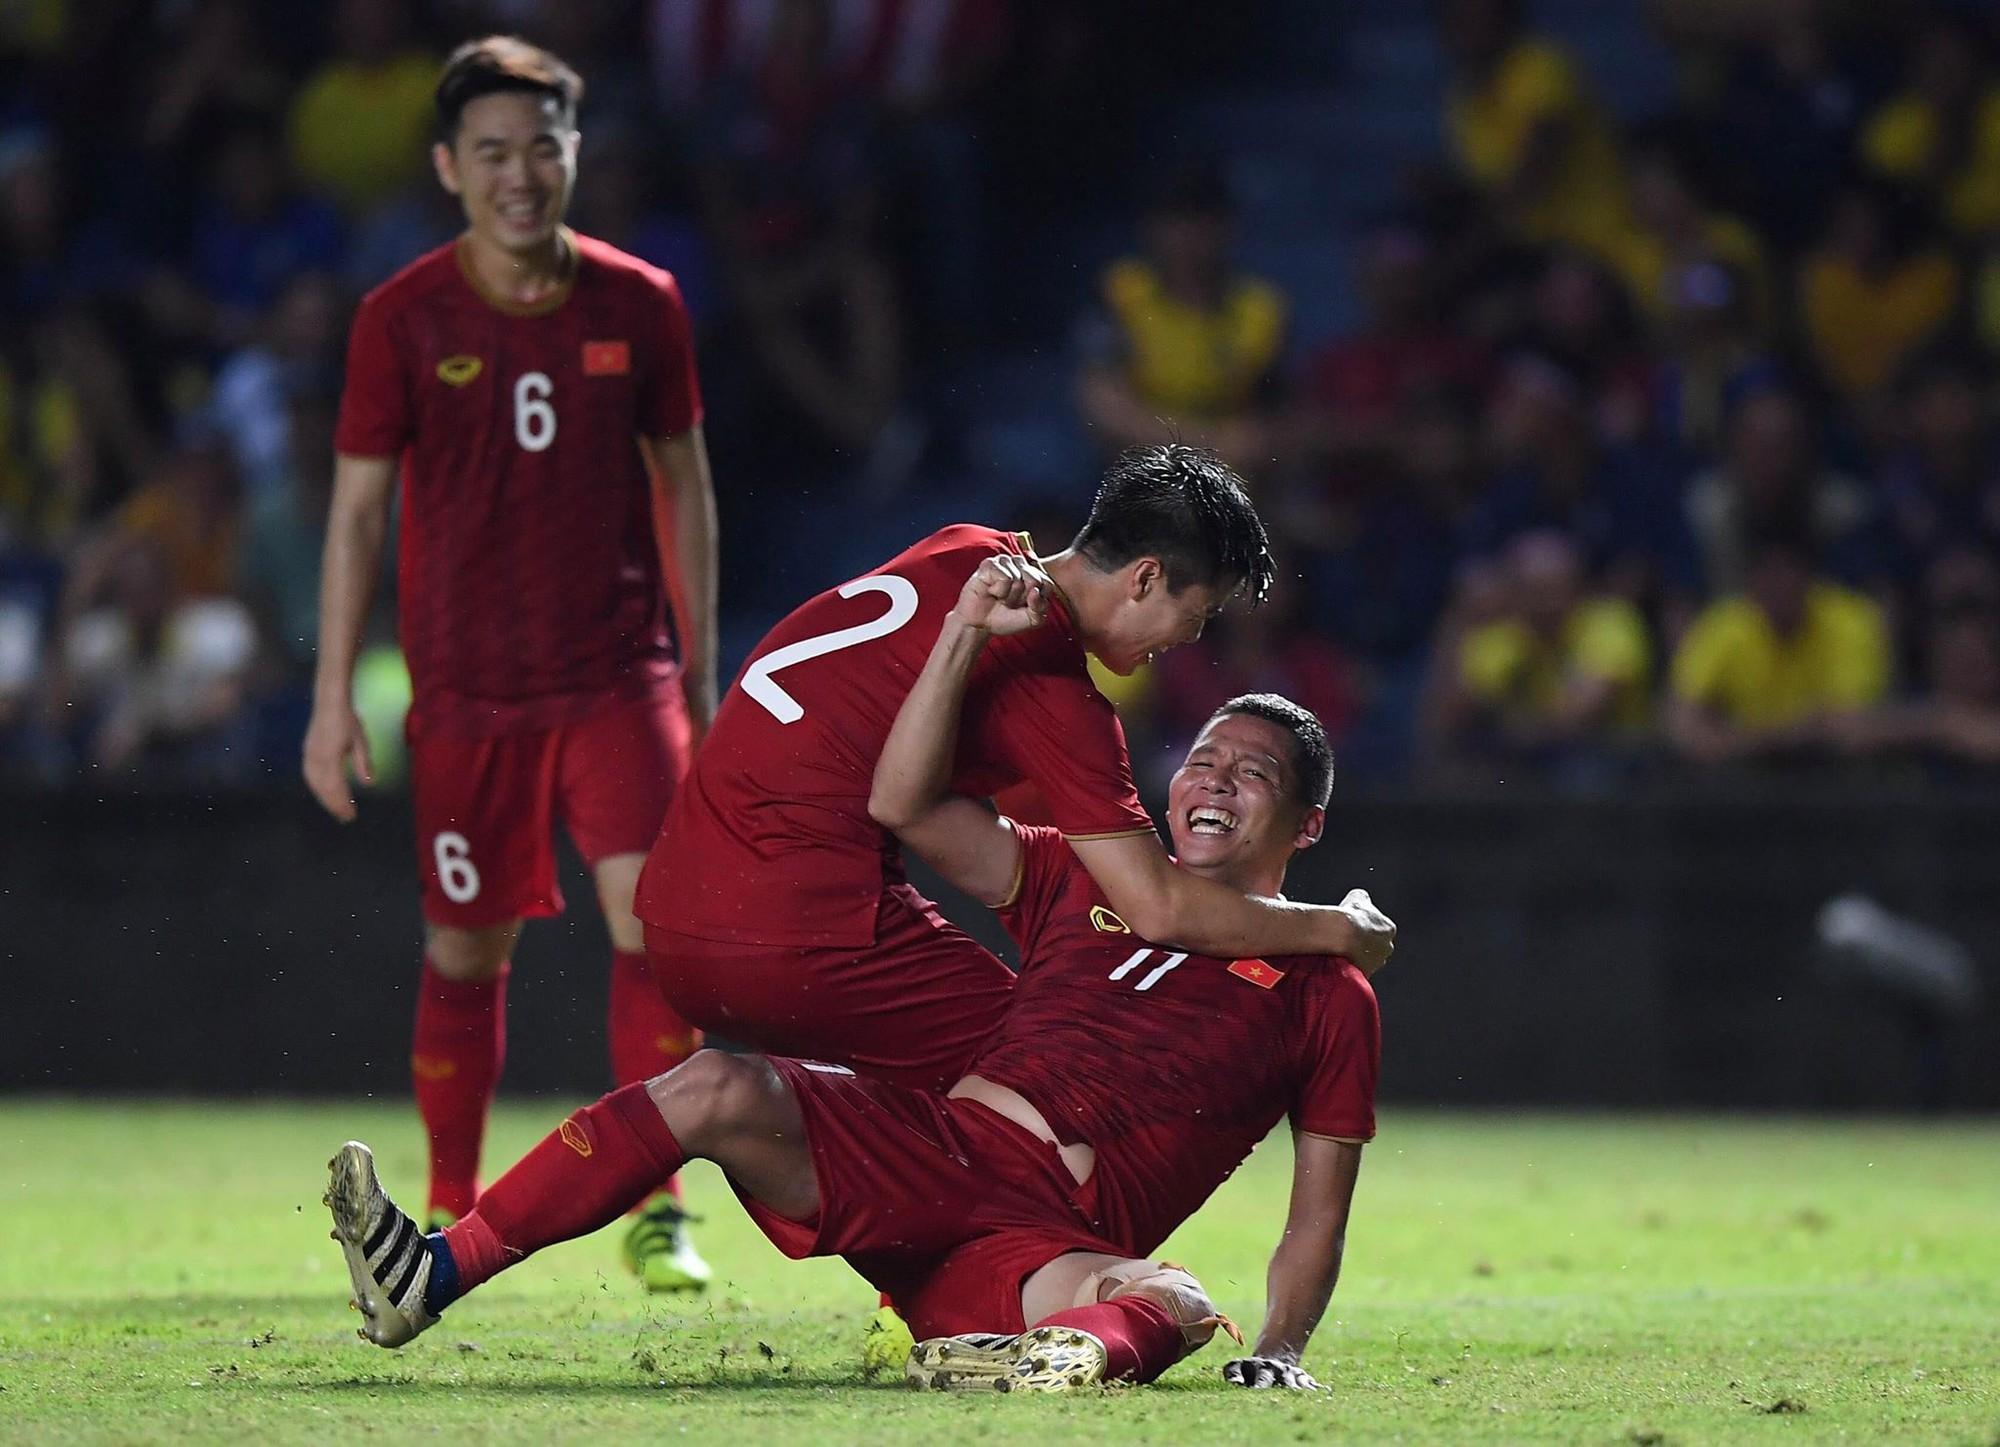 Anh Đức gục ngã đau đớn sau pha ghi bàn vào lưới Thái Lan, nhưng vẫn kịp nở nụ cười mãn nguyện khiến fan tan chảy - Ảnh 3.